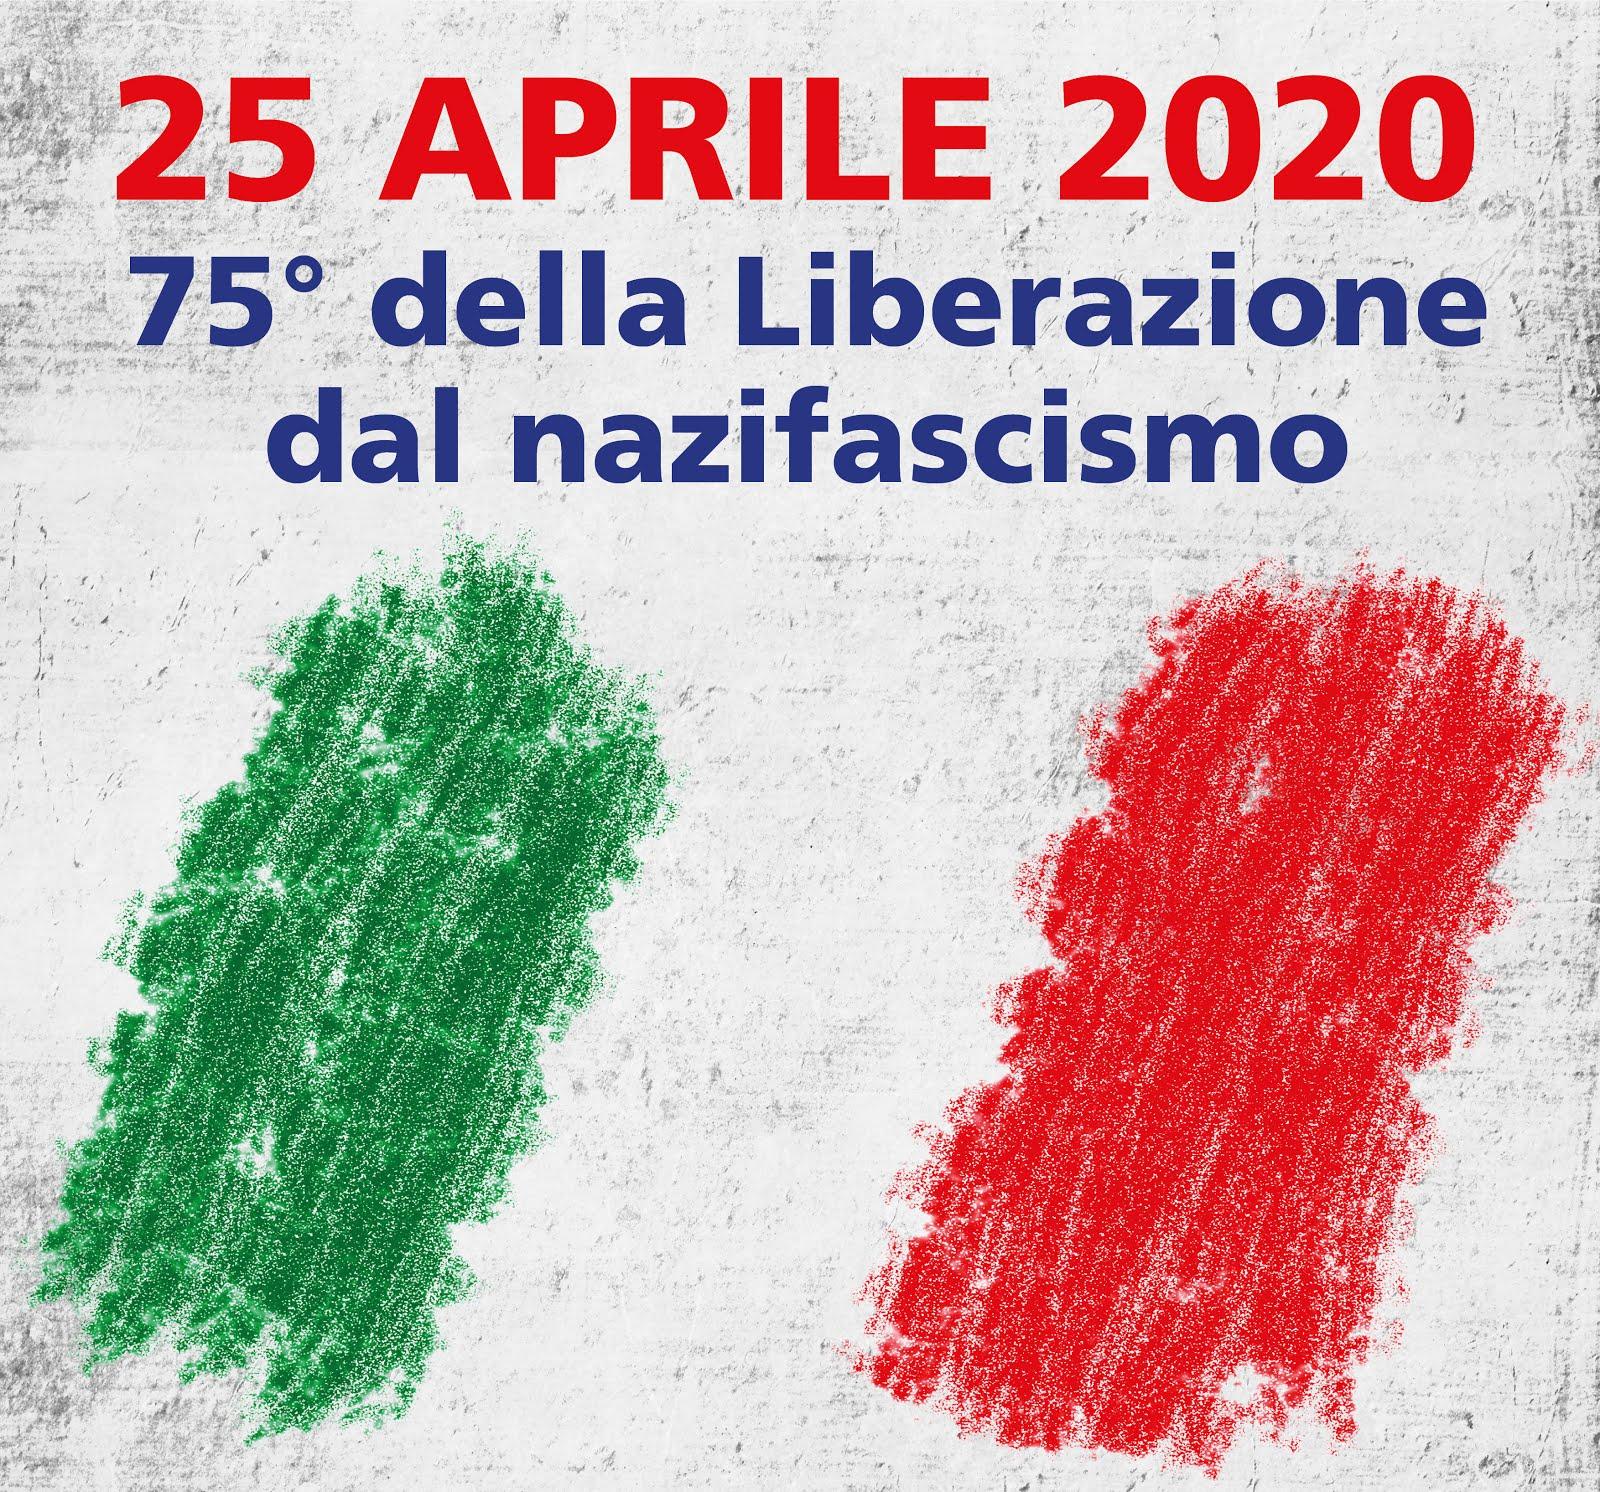 25 aprile 2020 - 75° della Liberazione dal nazifascismo